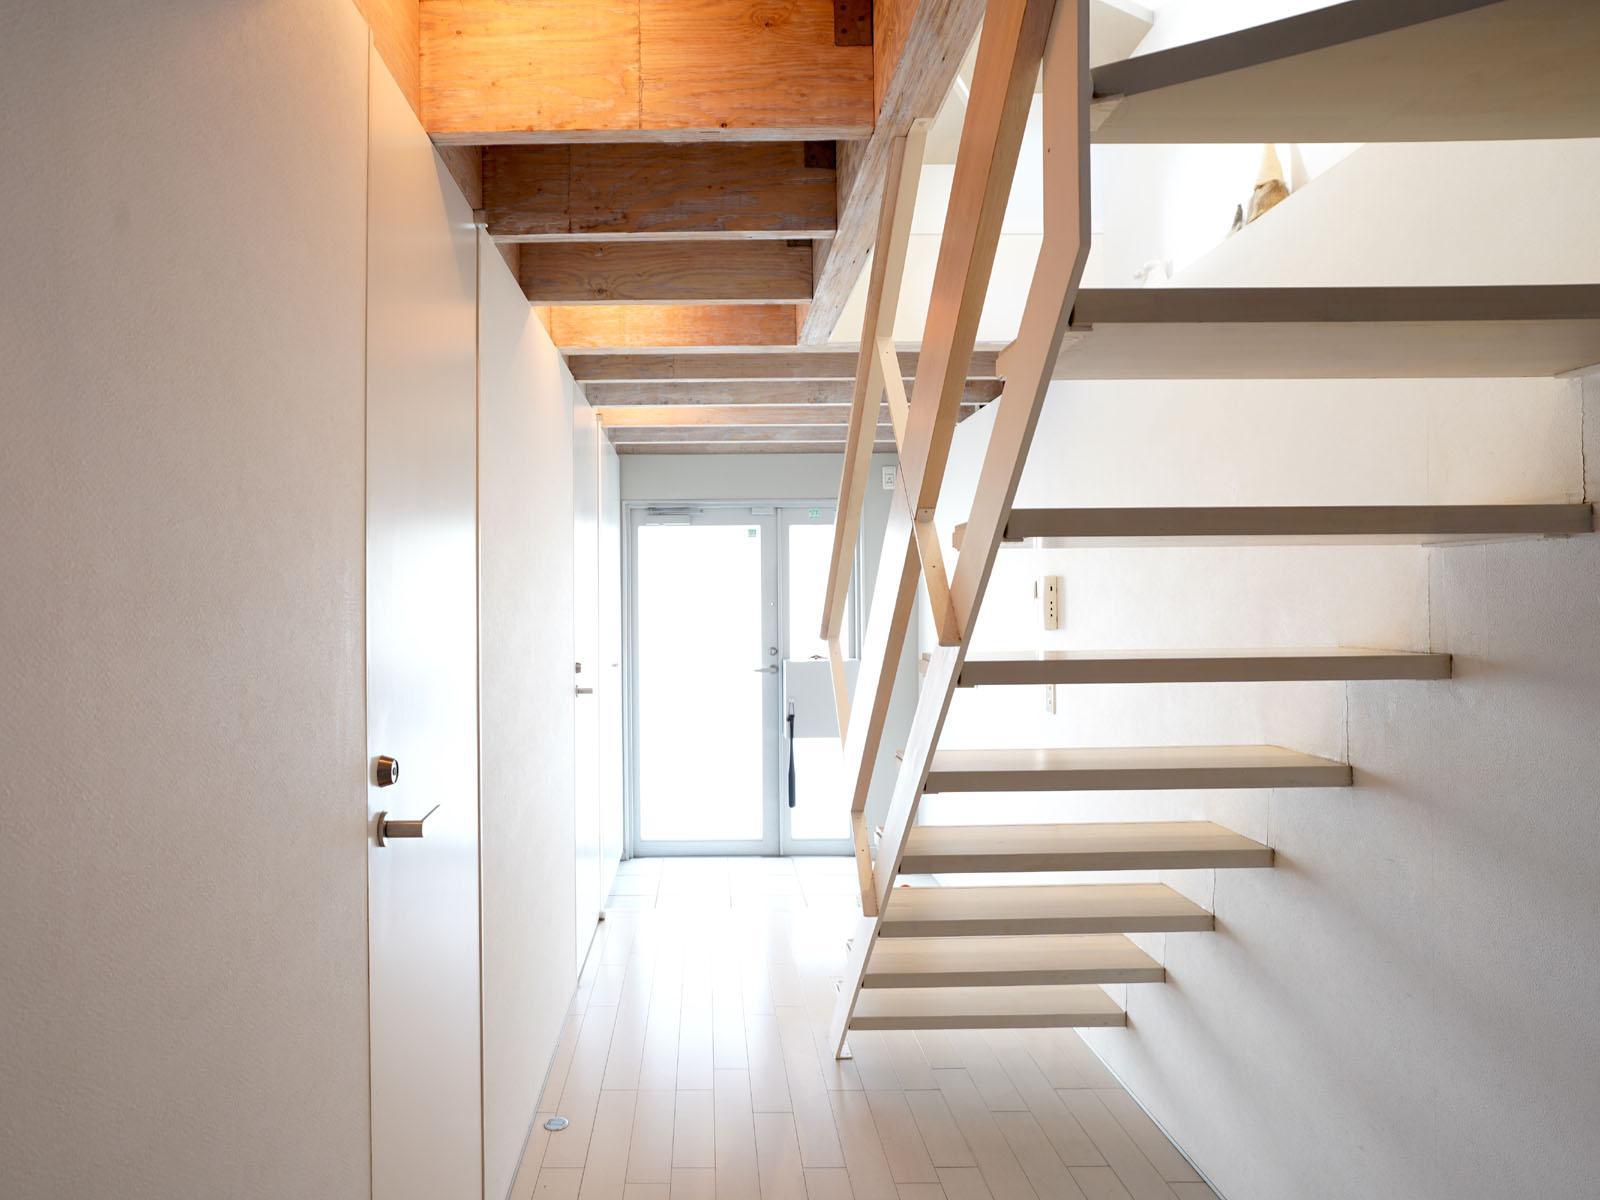 1階:突き当りが玄関、左側にバストイレが並ぶ